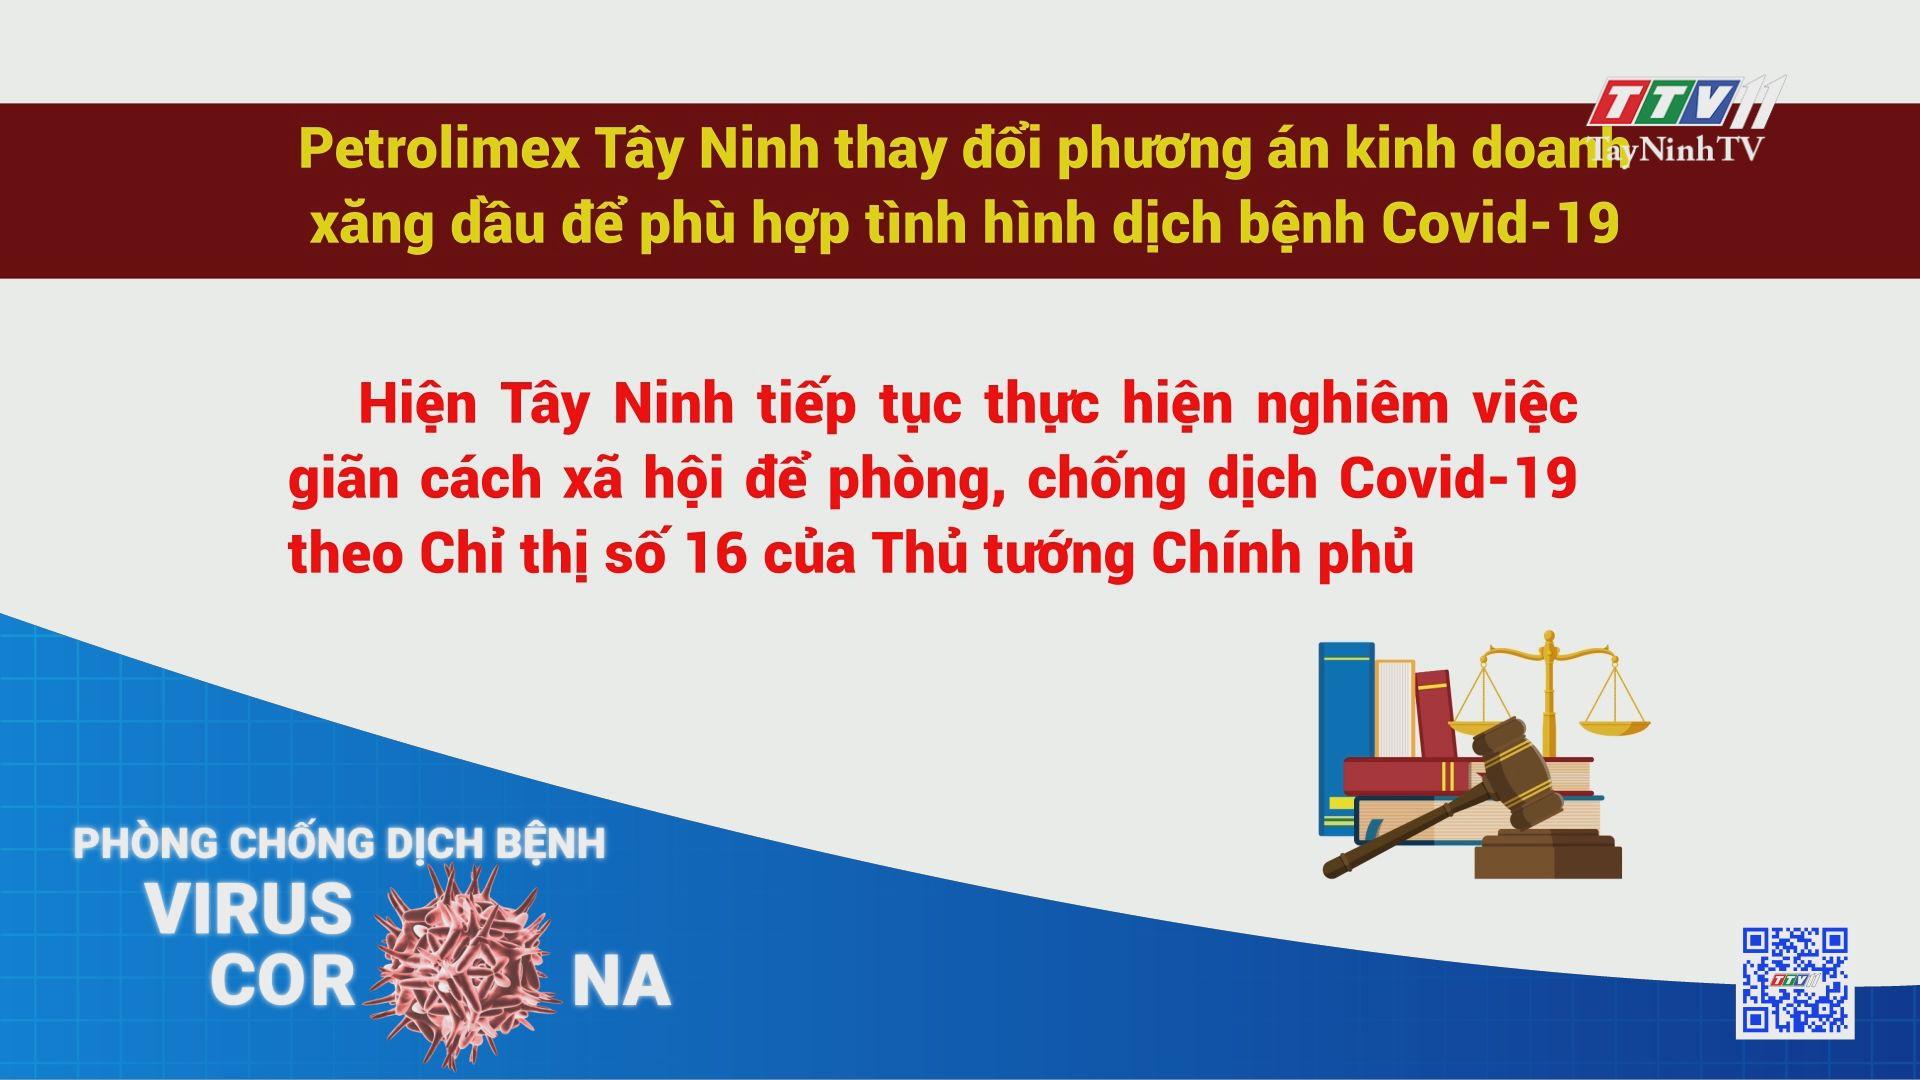 Petrolimex Tây Ninh thay đổi phương án kinh doanh xăng dầu để phù hợp tình hình dịch bệnh Covid-19 | THÔNG TIN DỊCH COVID-19 | TayNinhTV